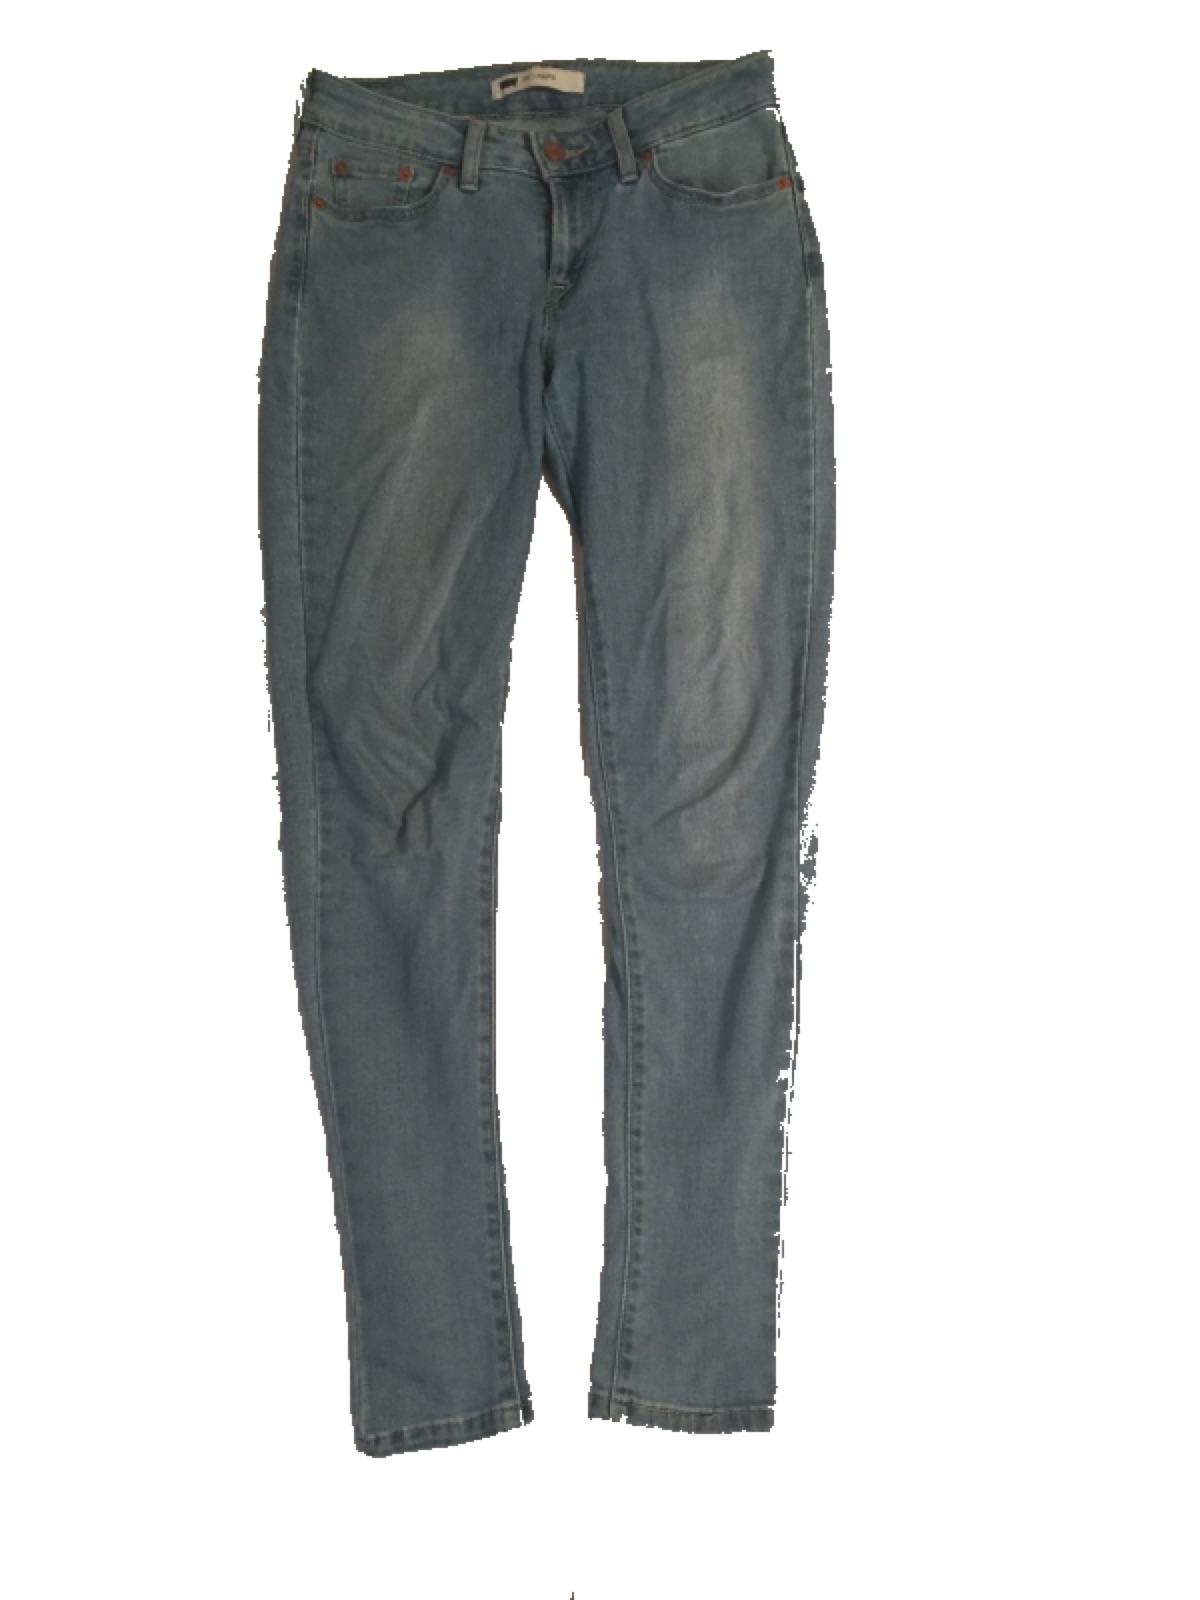 Secondhand Levi's Jeans